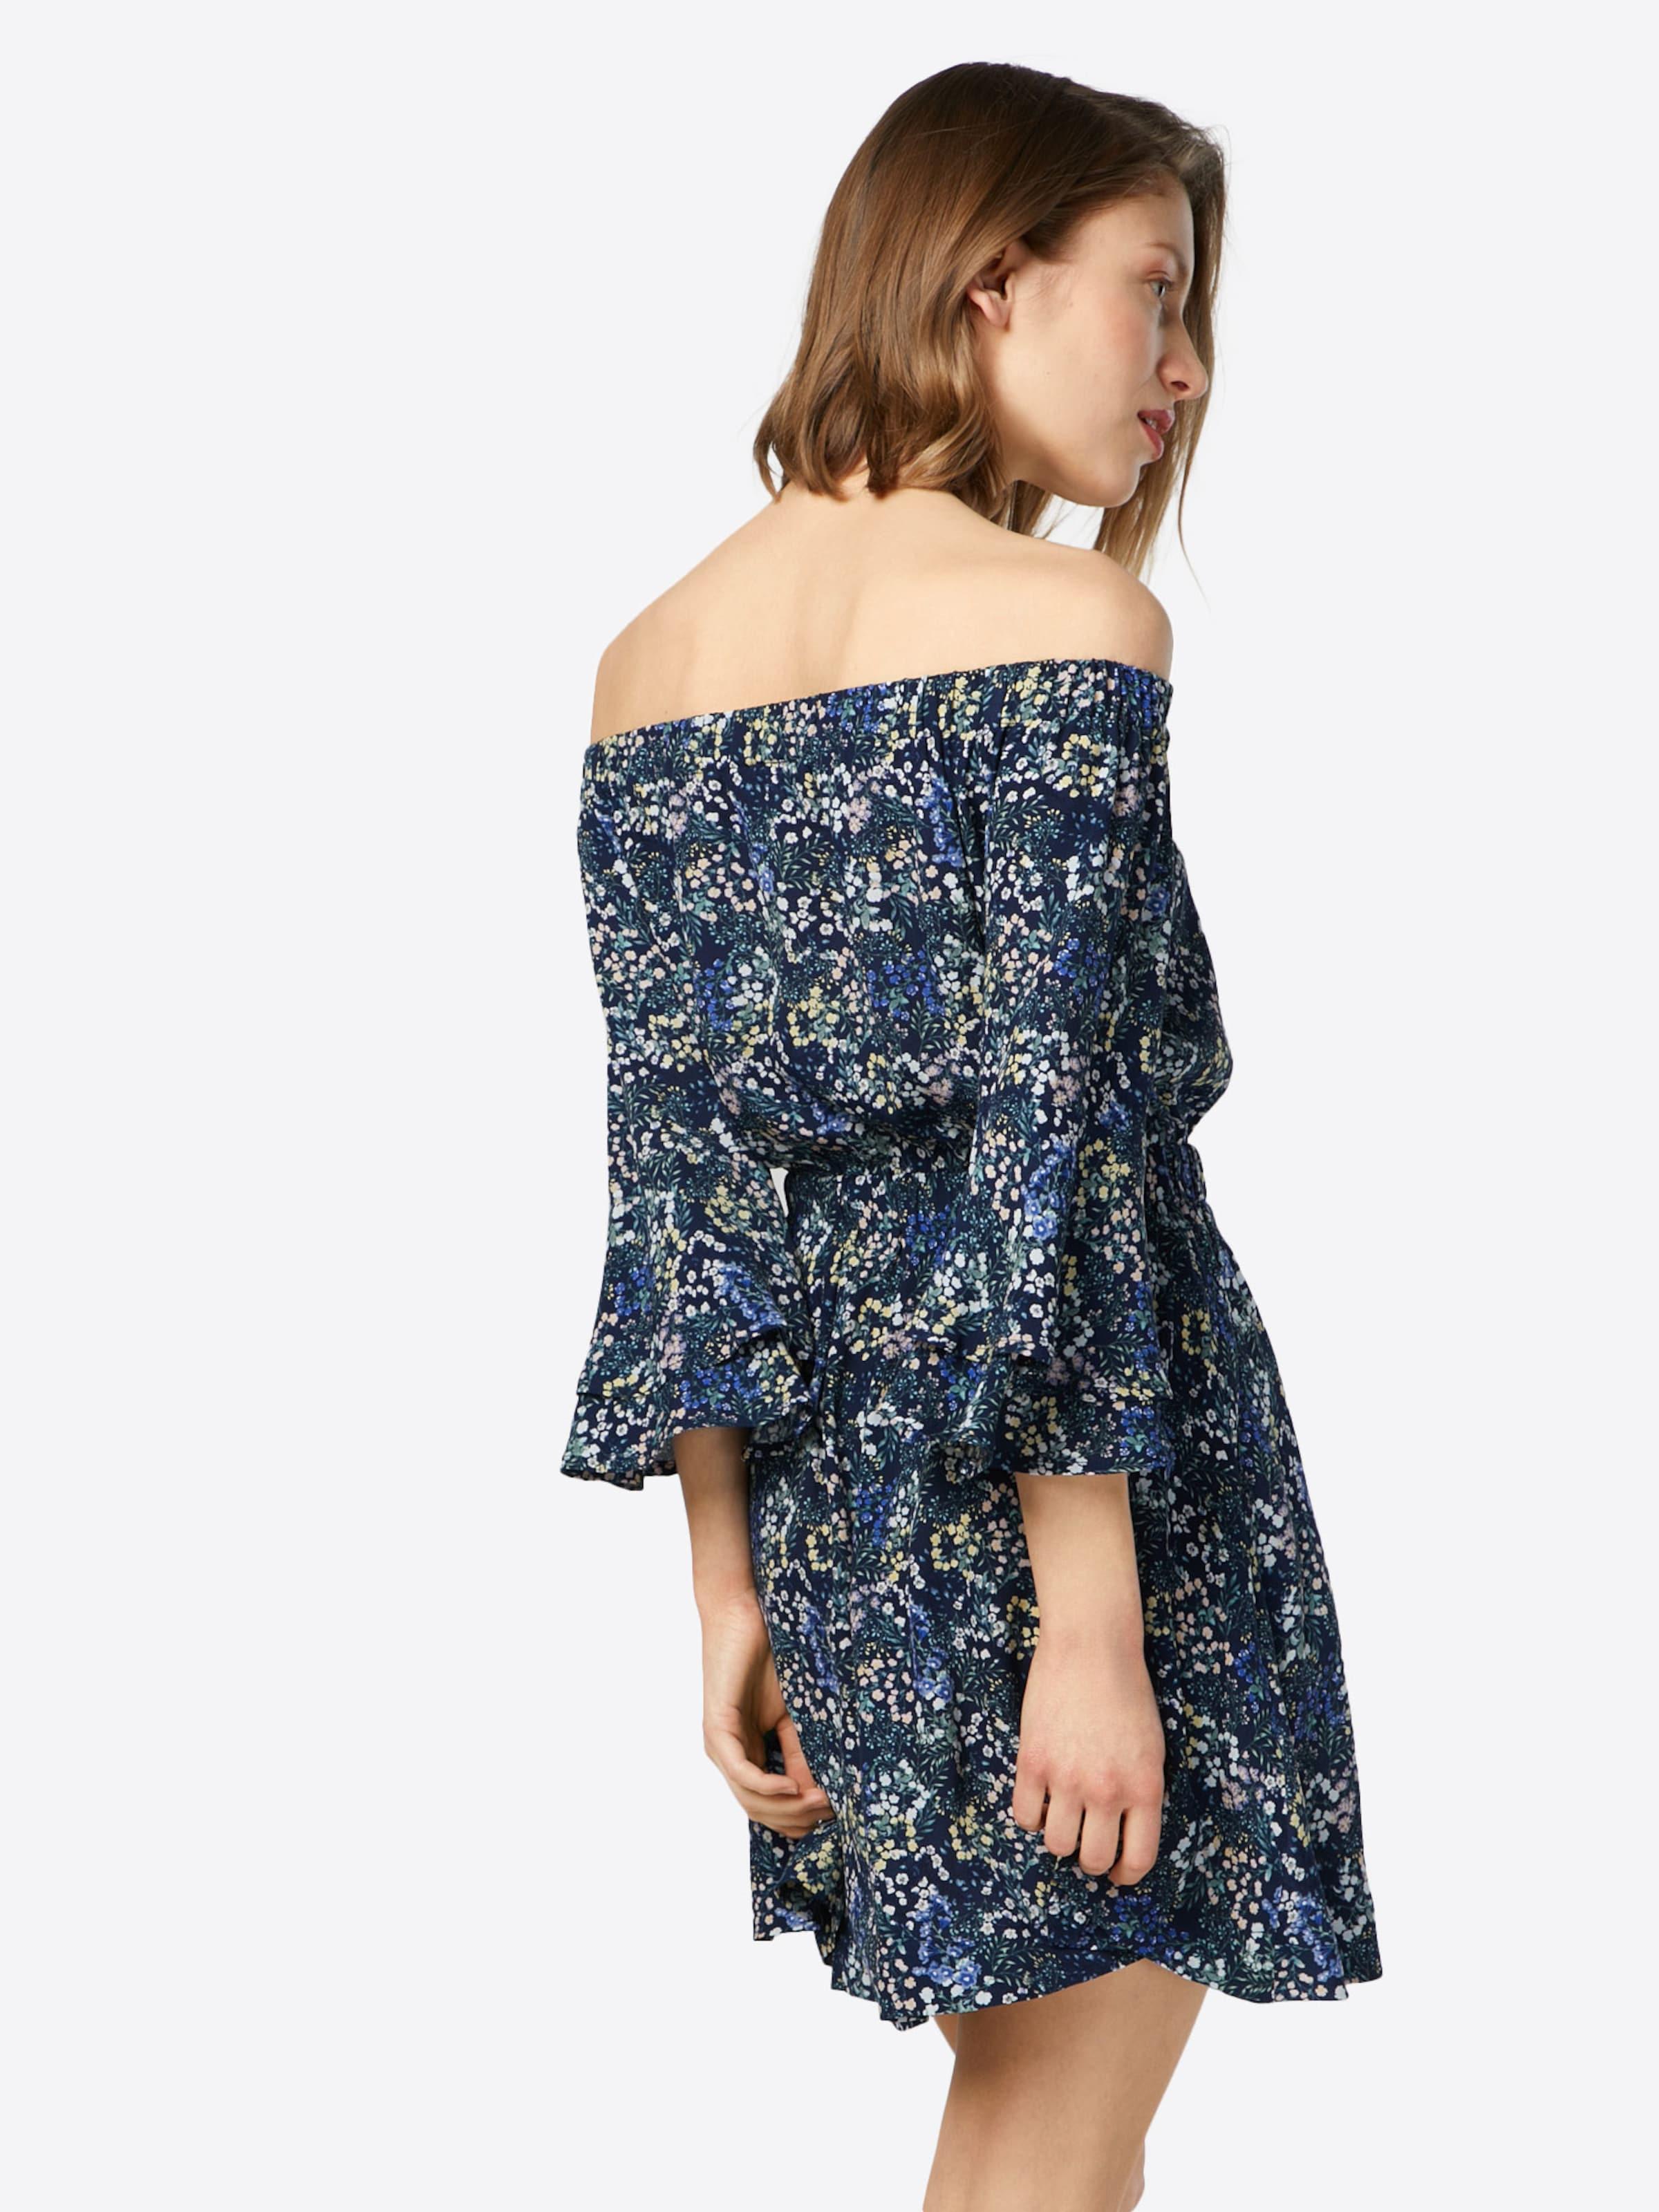 Freies Verschiffen Neue Stile Review Sommerkleid 'CARMEN' Shopping-Spielraum Online Webseite Zum Verkauf Rabatt Besuch Neu Rabatt Echte RgCm3